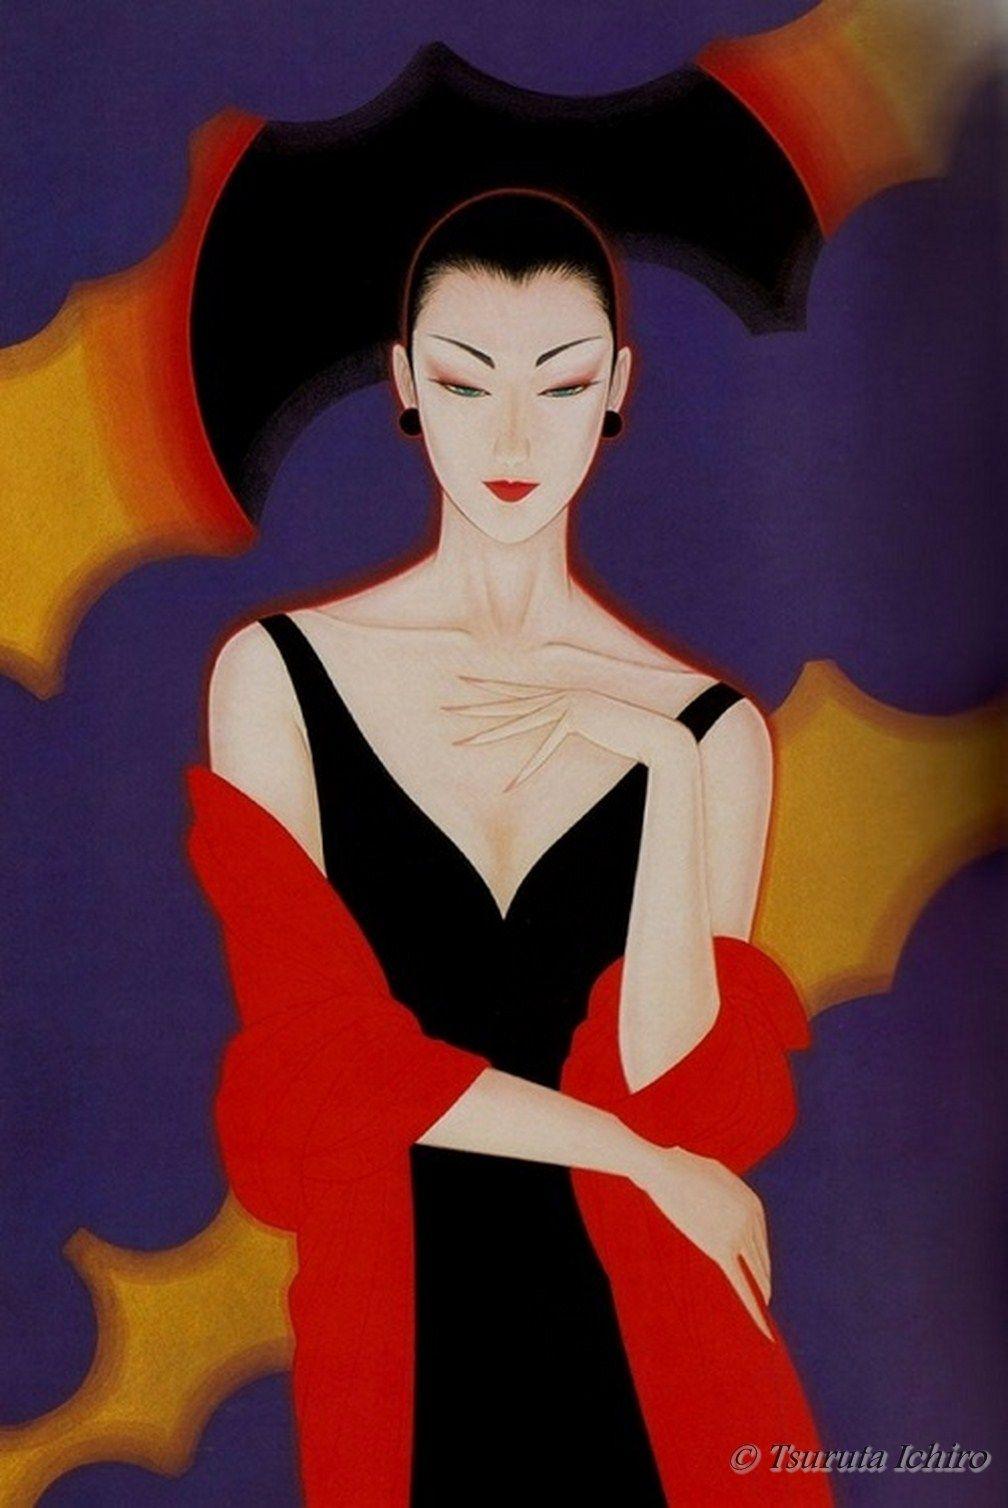 jpg4.us jsp` Tsuruta Ichiro Artwork.